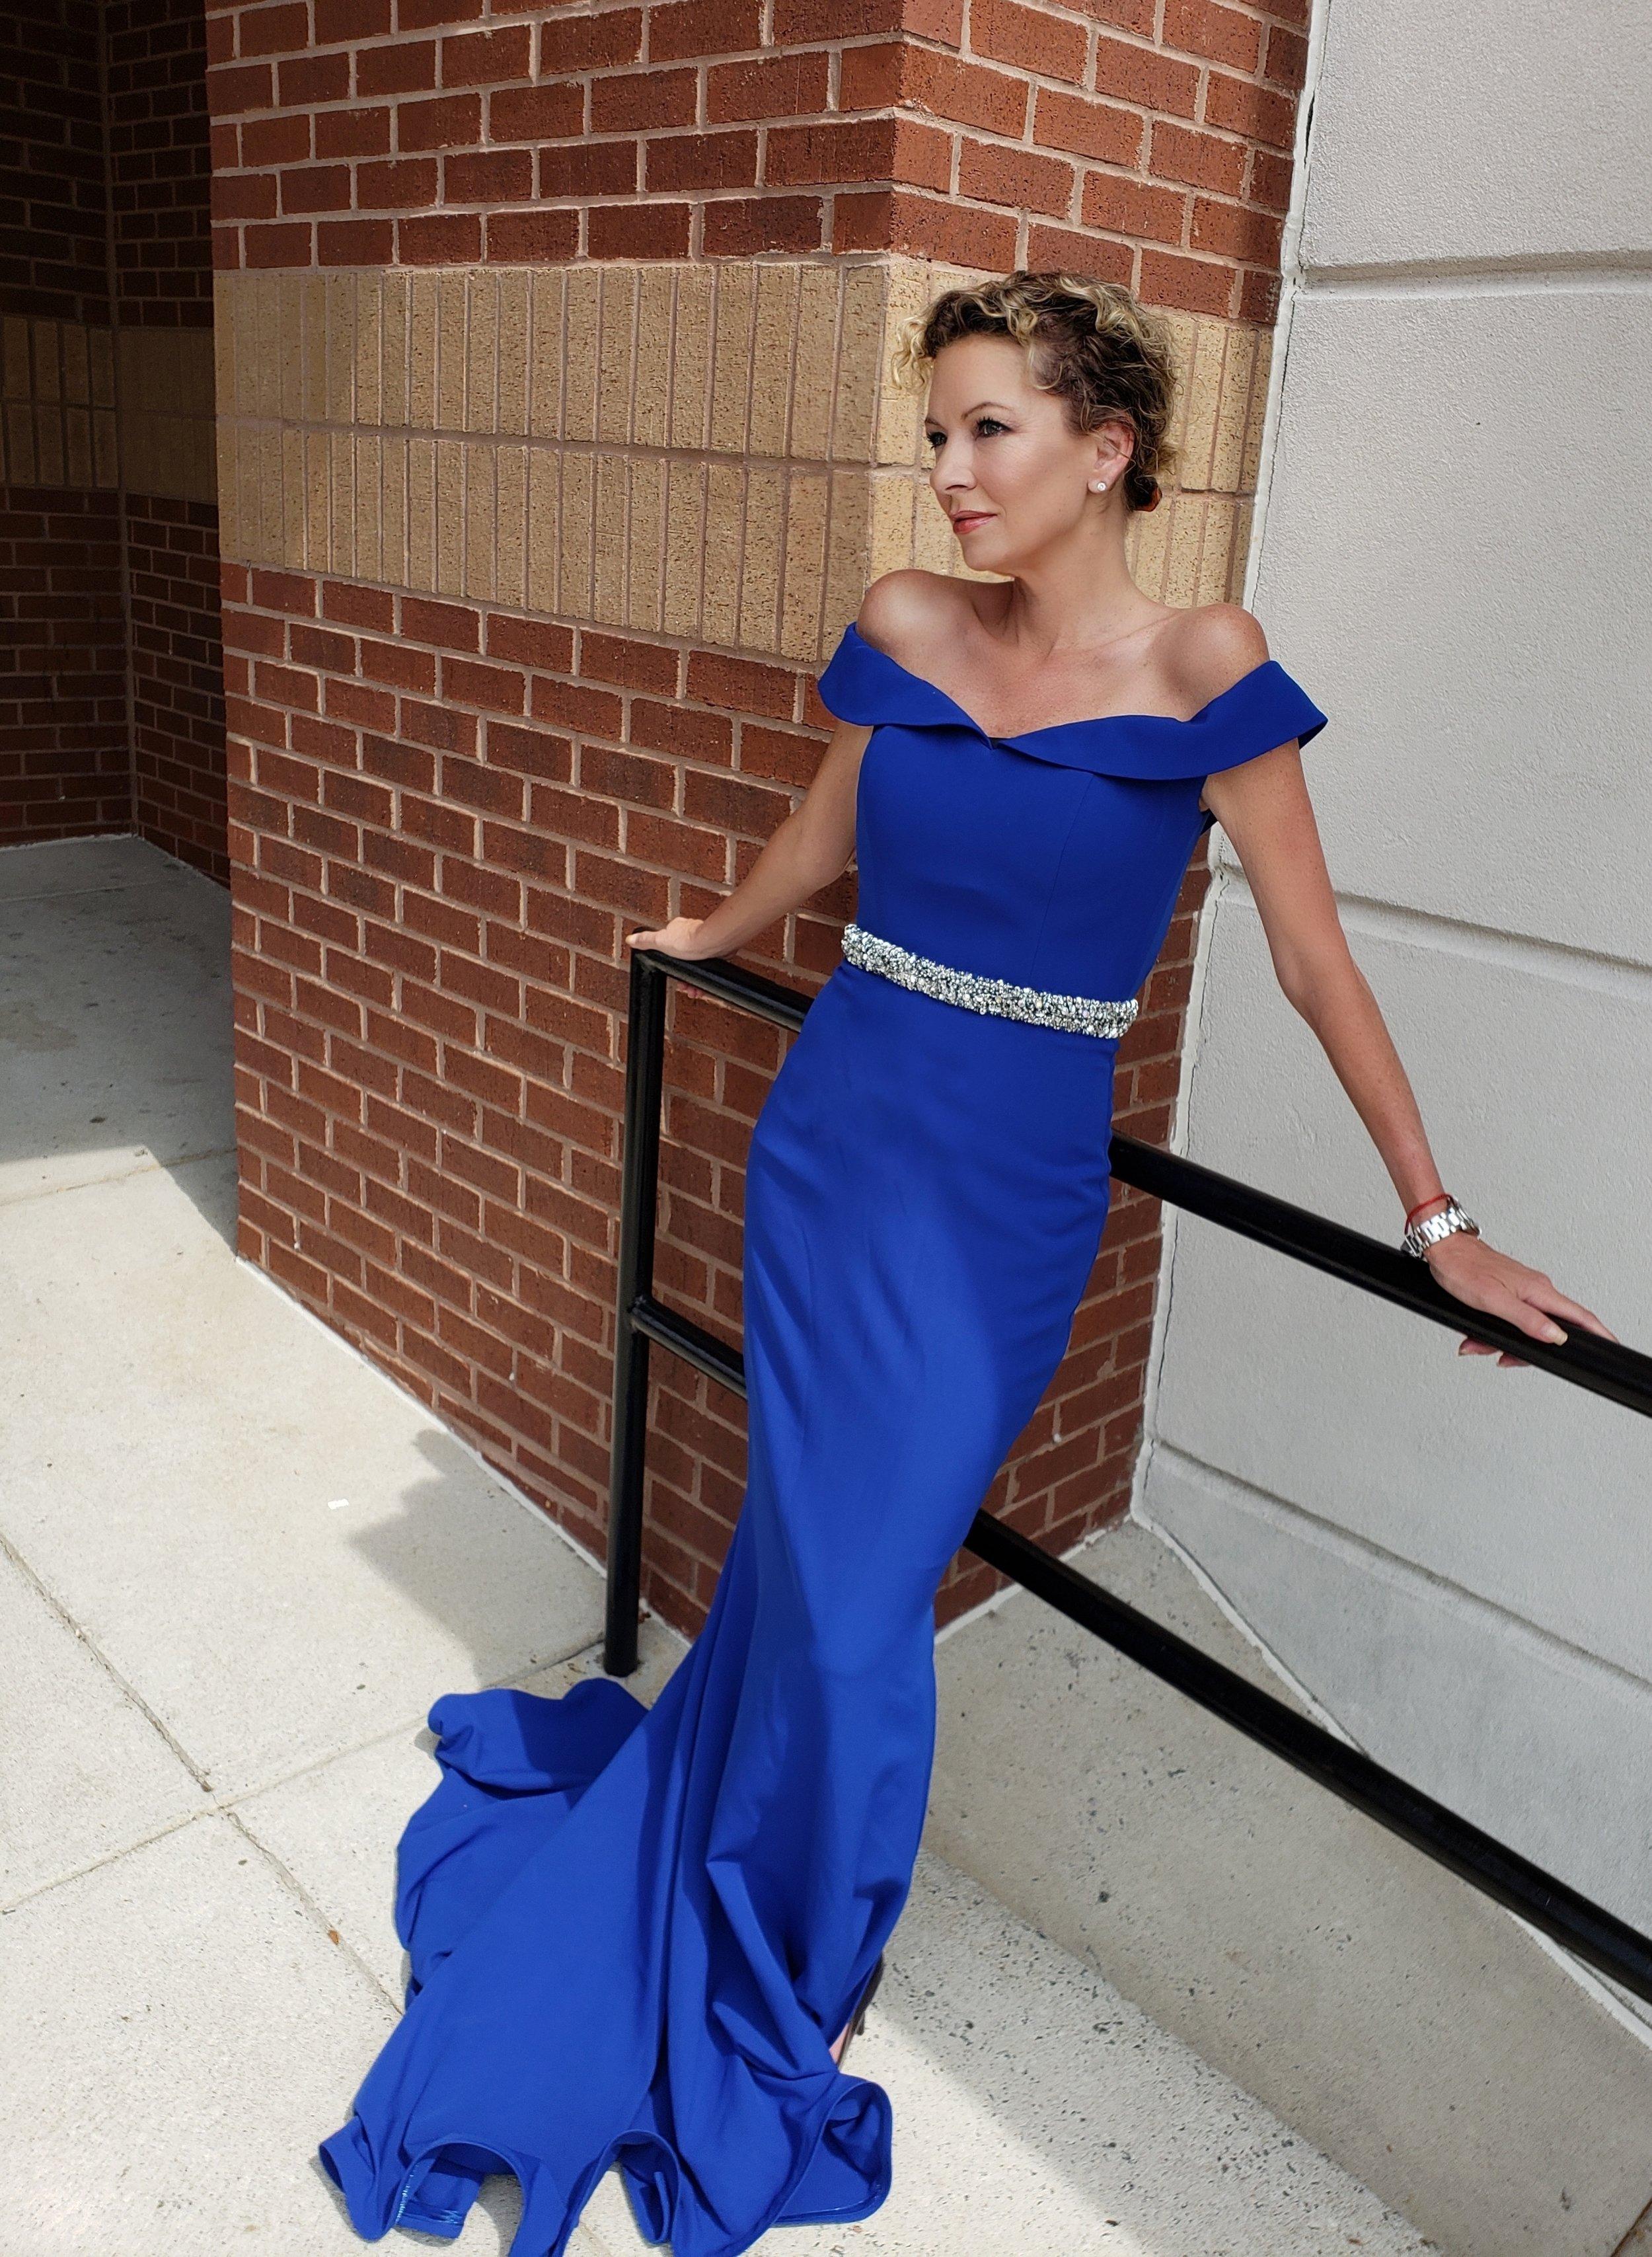 christine cornwell blue gown sole seduction jimmy choo citybox media.jpg